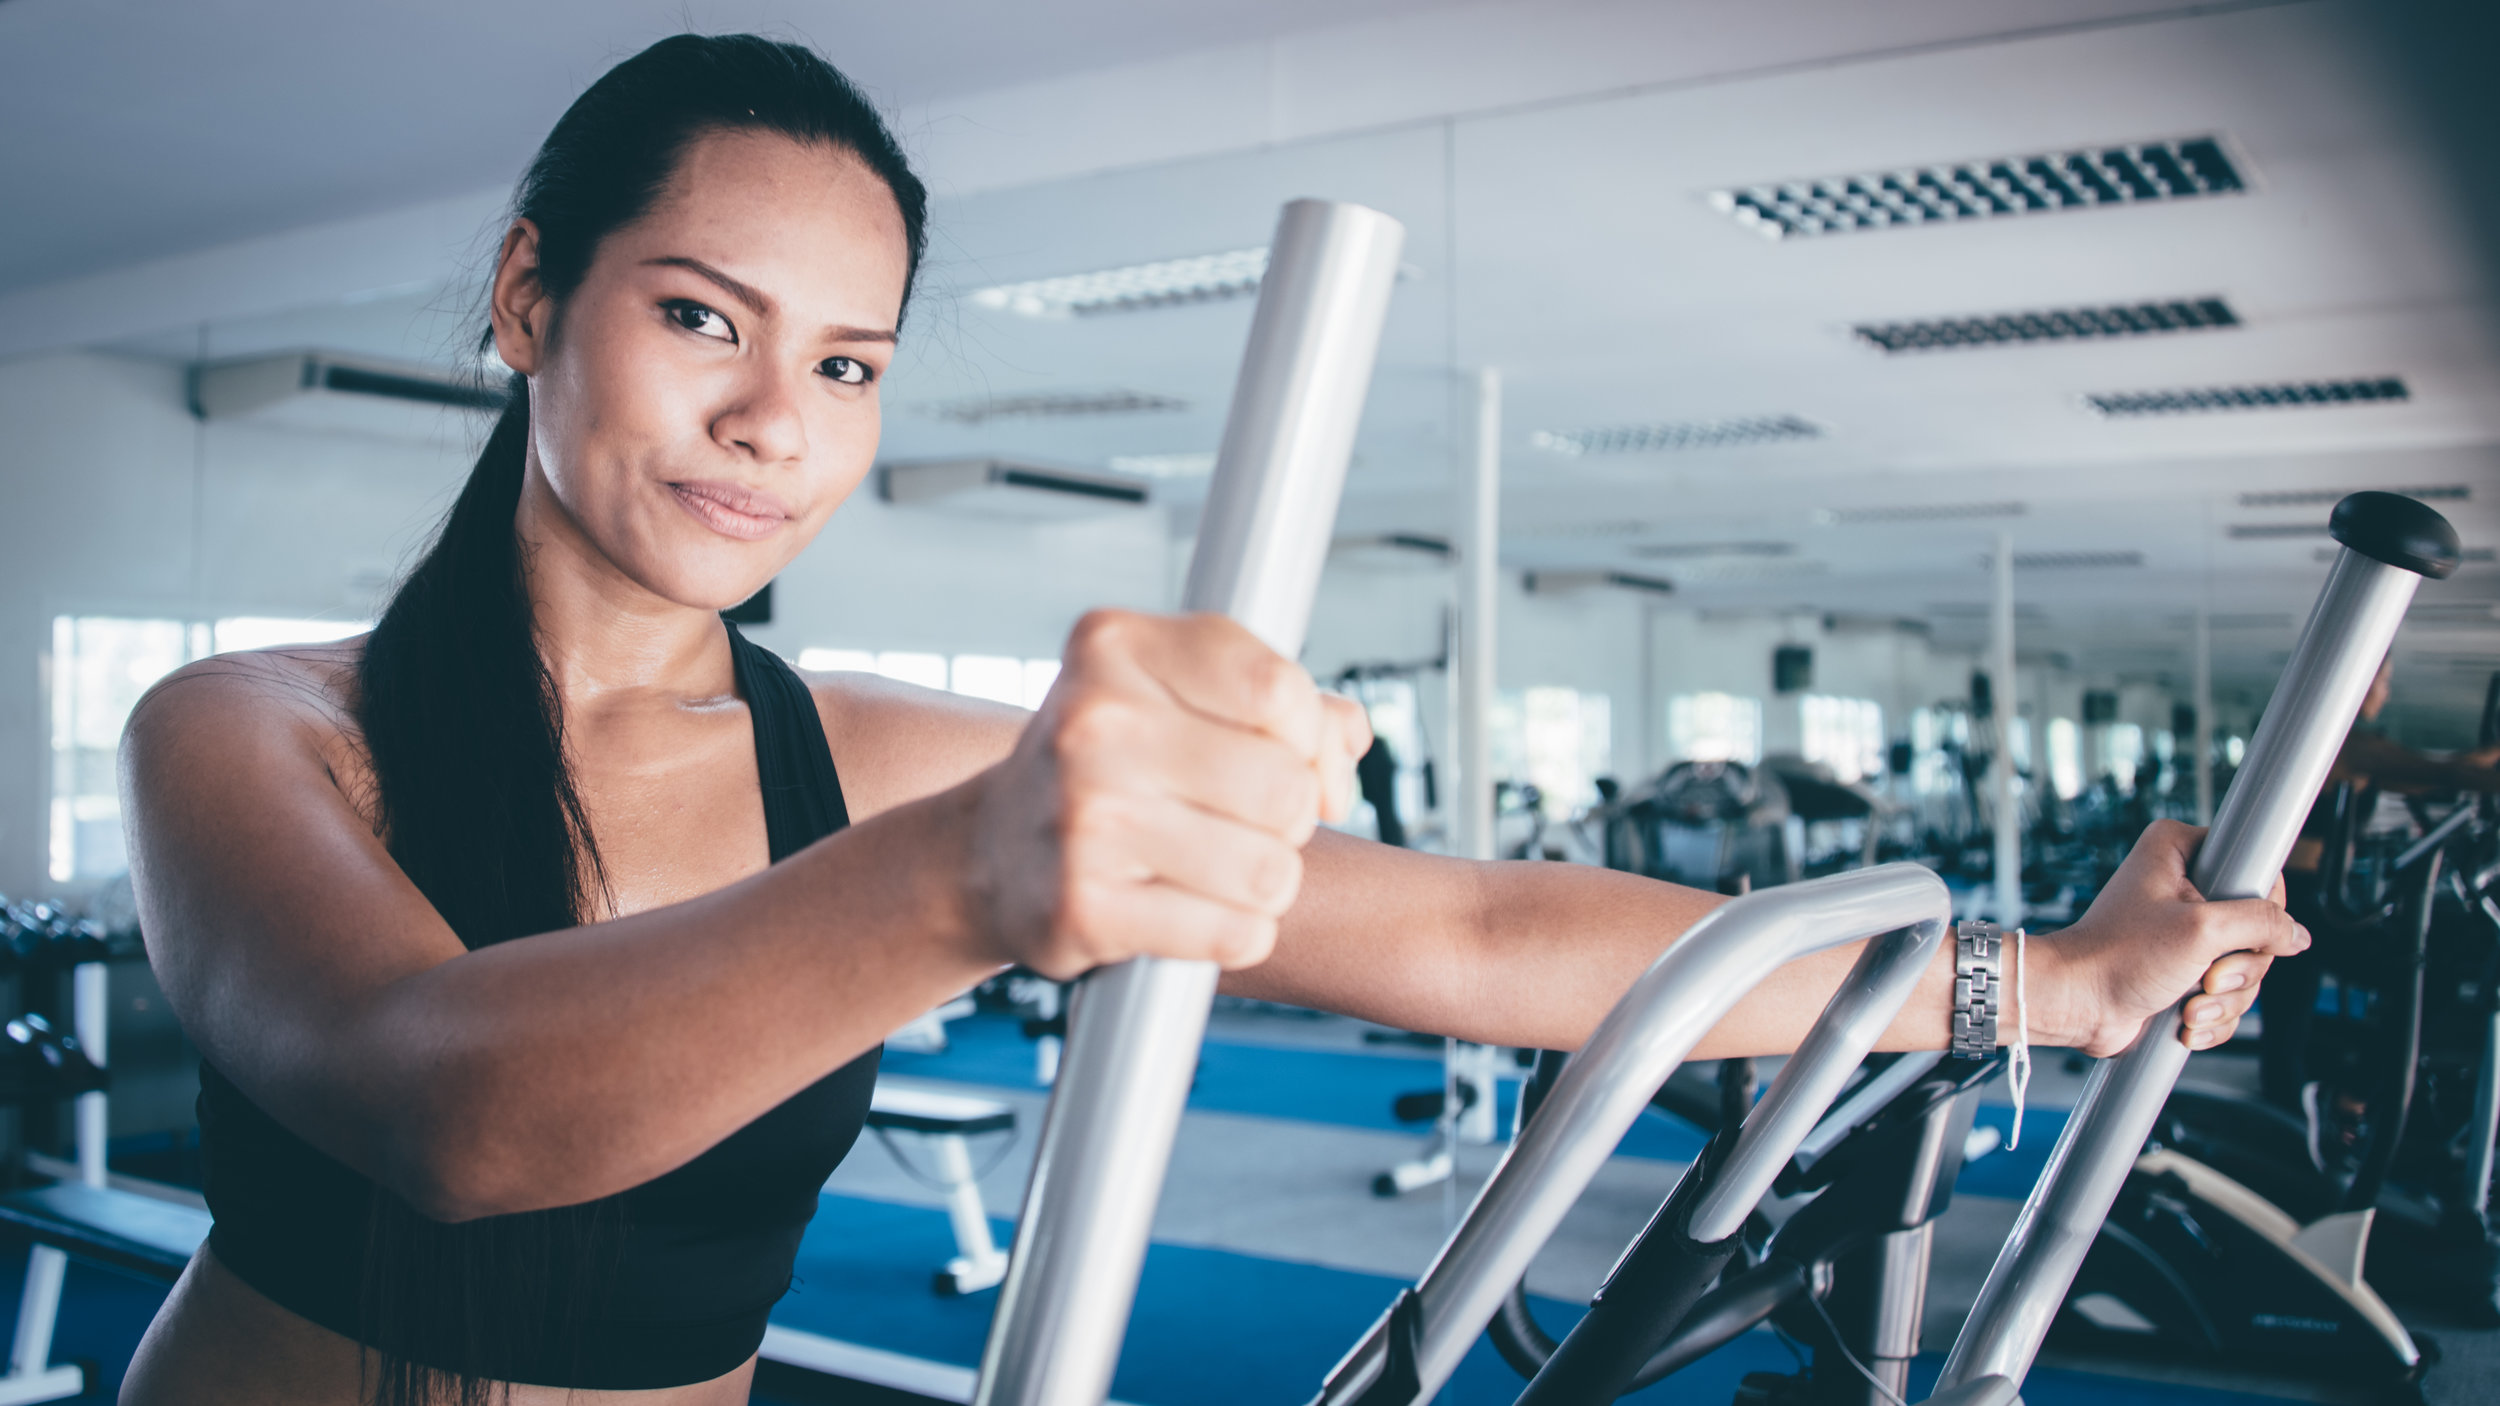 Lady training on elliptical machine